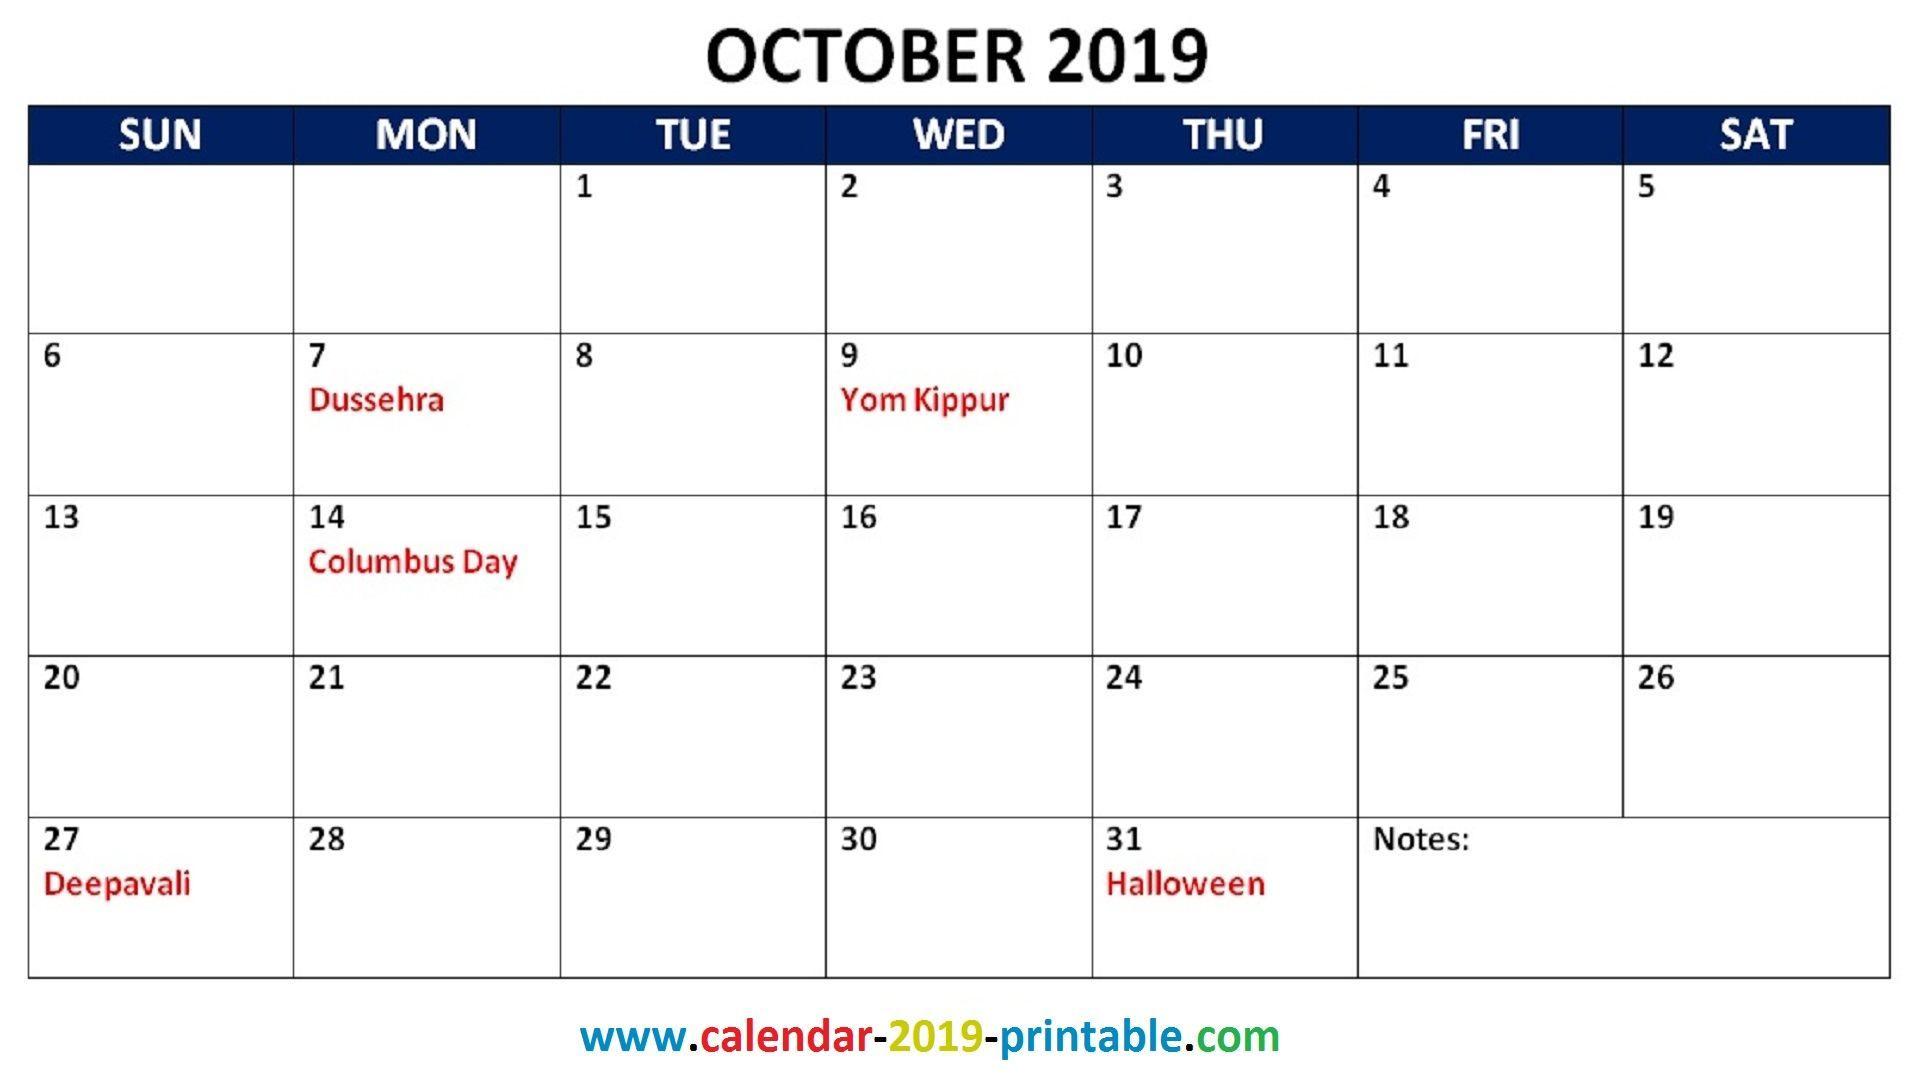 october 2019 calendar with holidays 2019 Calendars October 1920x1080